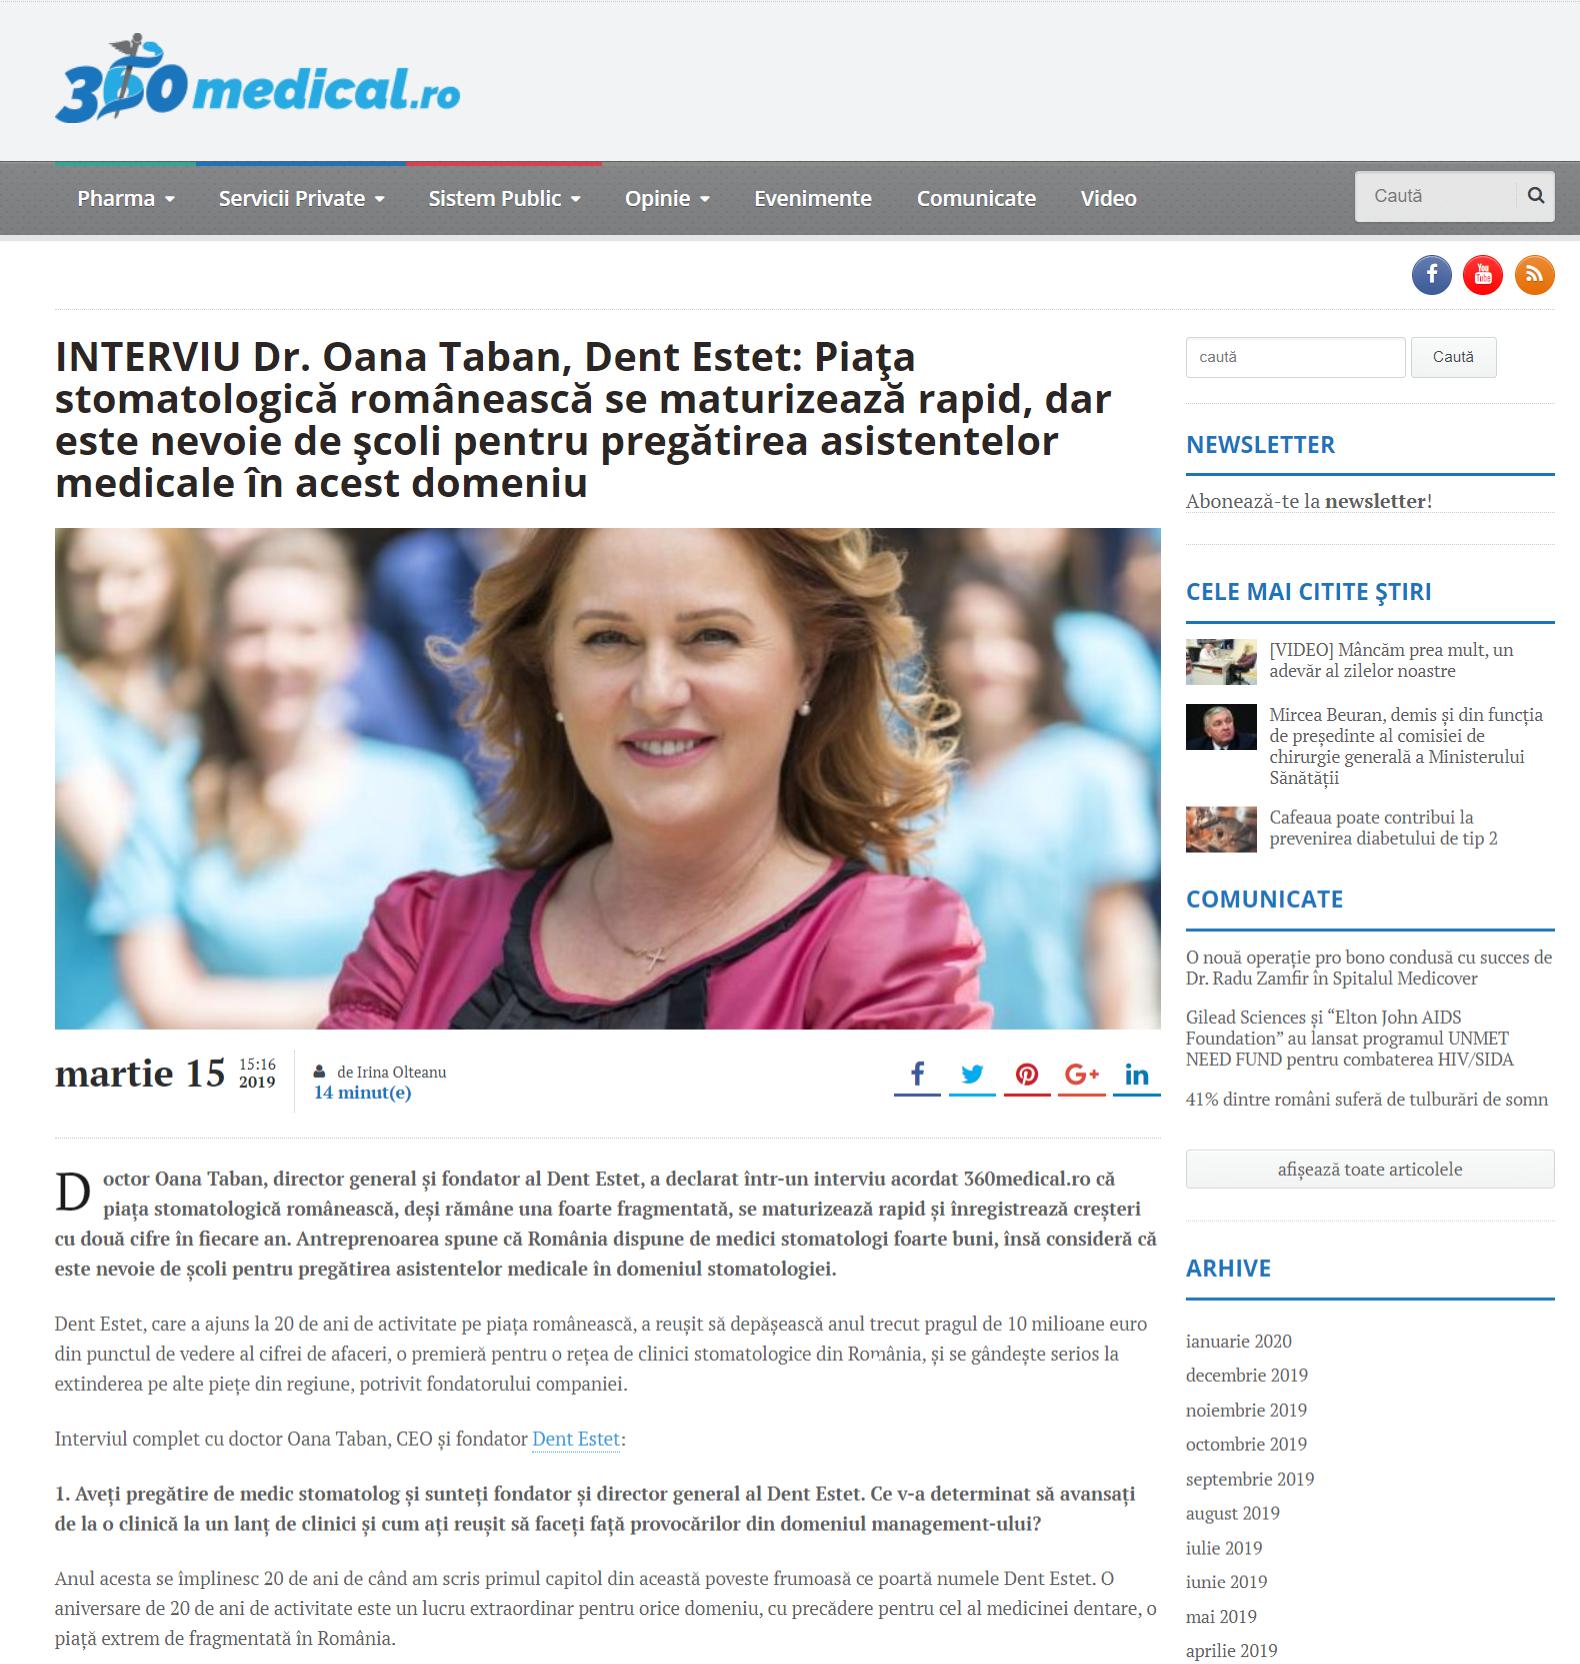 INTERVIU Dr. Oana Taban, Dent Estet: Piața stomatologică românească se maturizează rapid, dar este nevoie de școli pentru pregătirea asistentelor medicale în acest domeniu